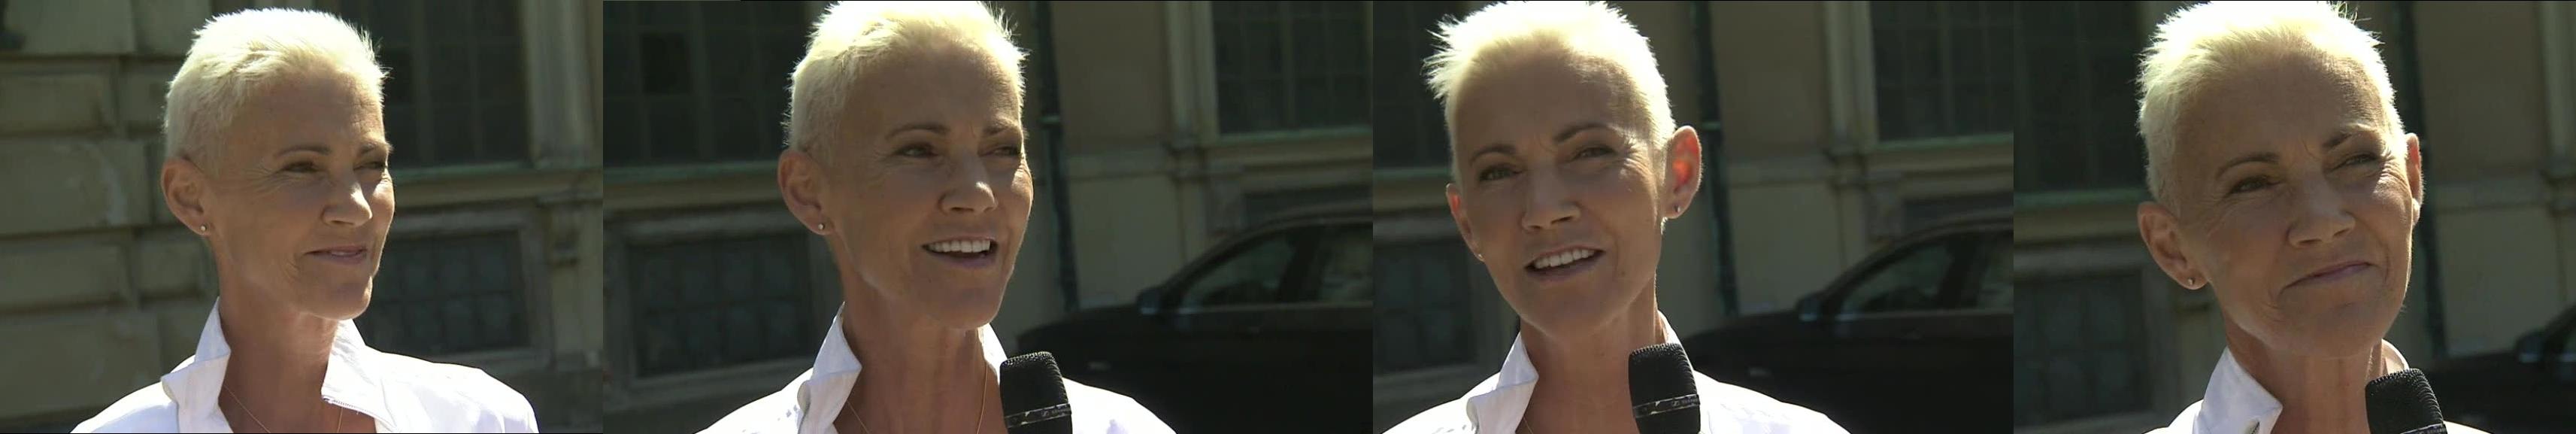 Marie_Fredriksson